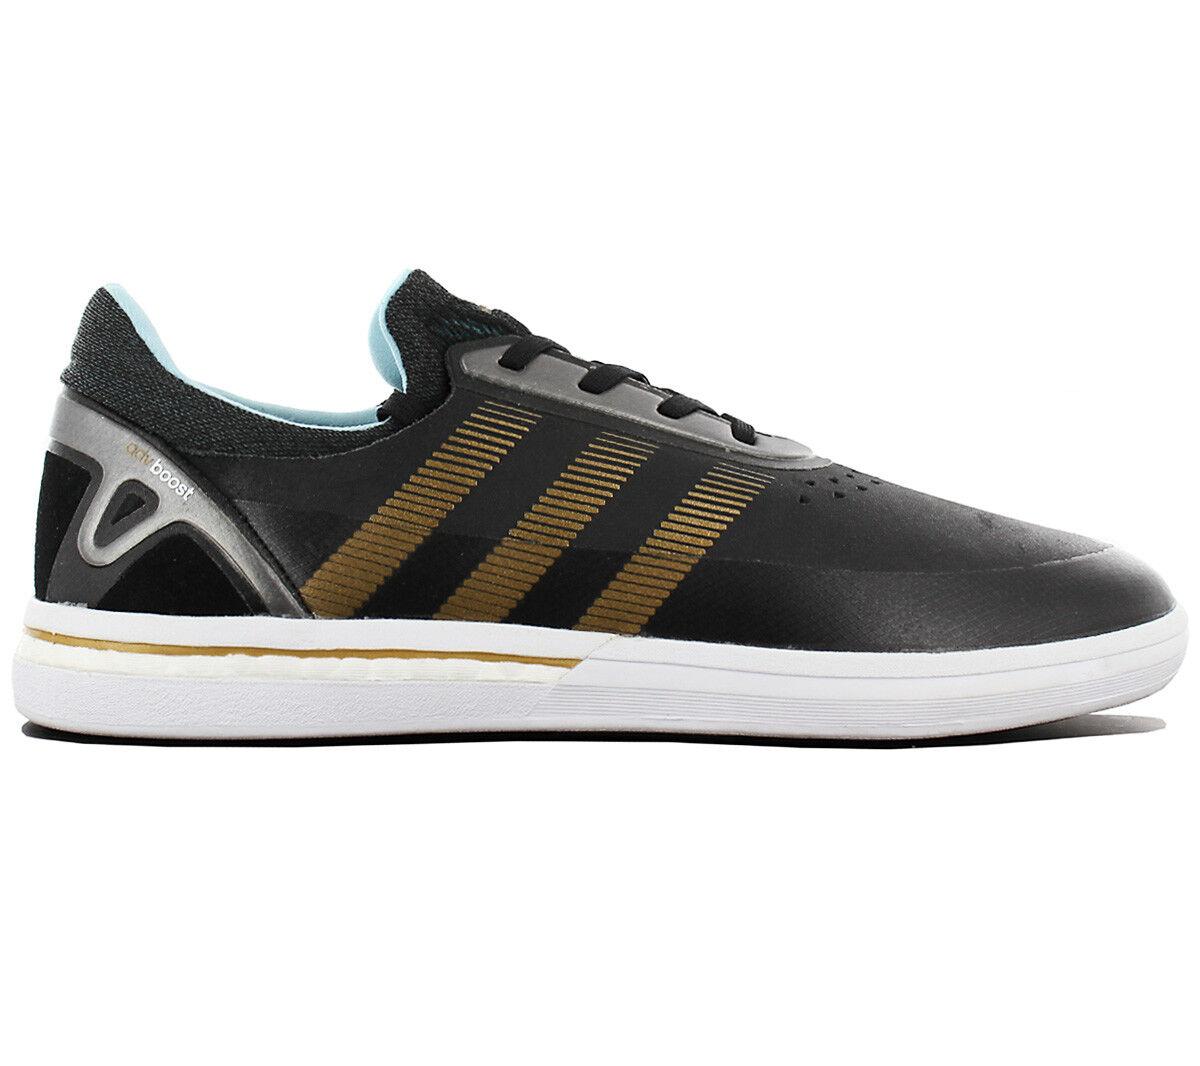 Adidas Skateboarding Adv Boost Skate Zapatos Hombre Zapatillas de Skate Boost D69243 Nuevo b59a17